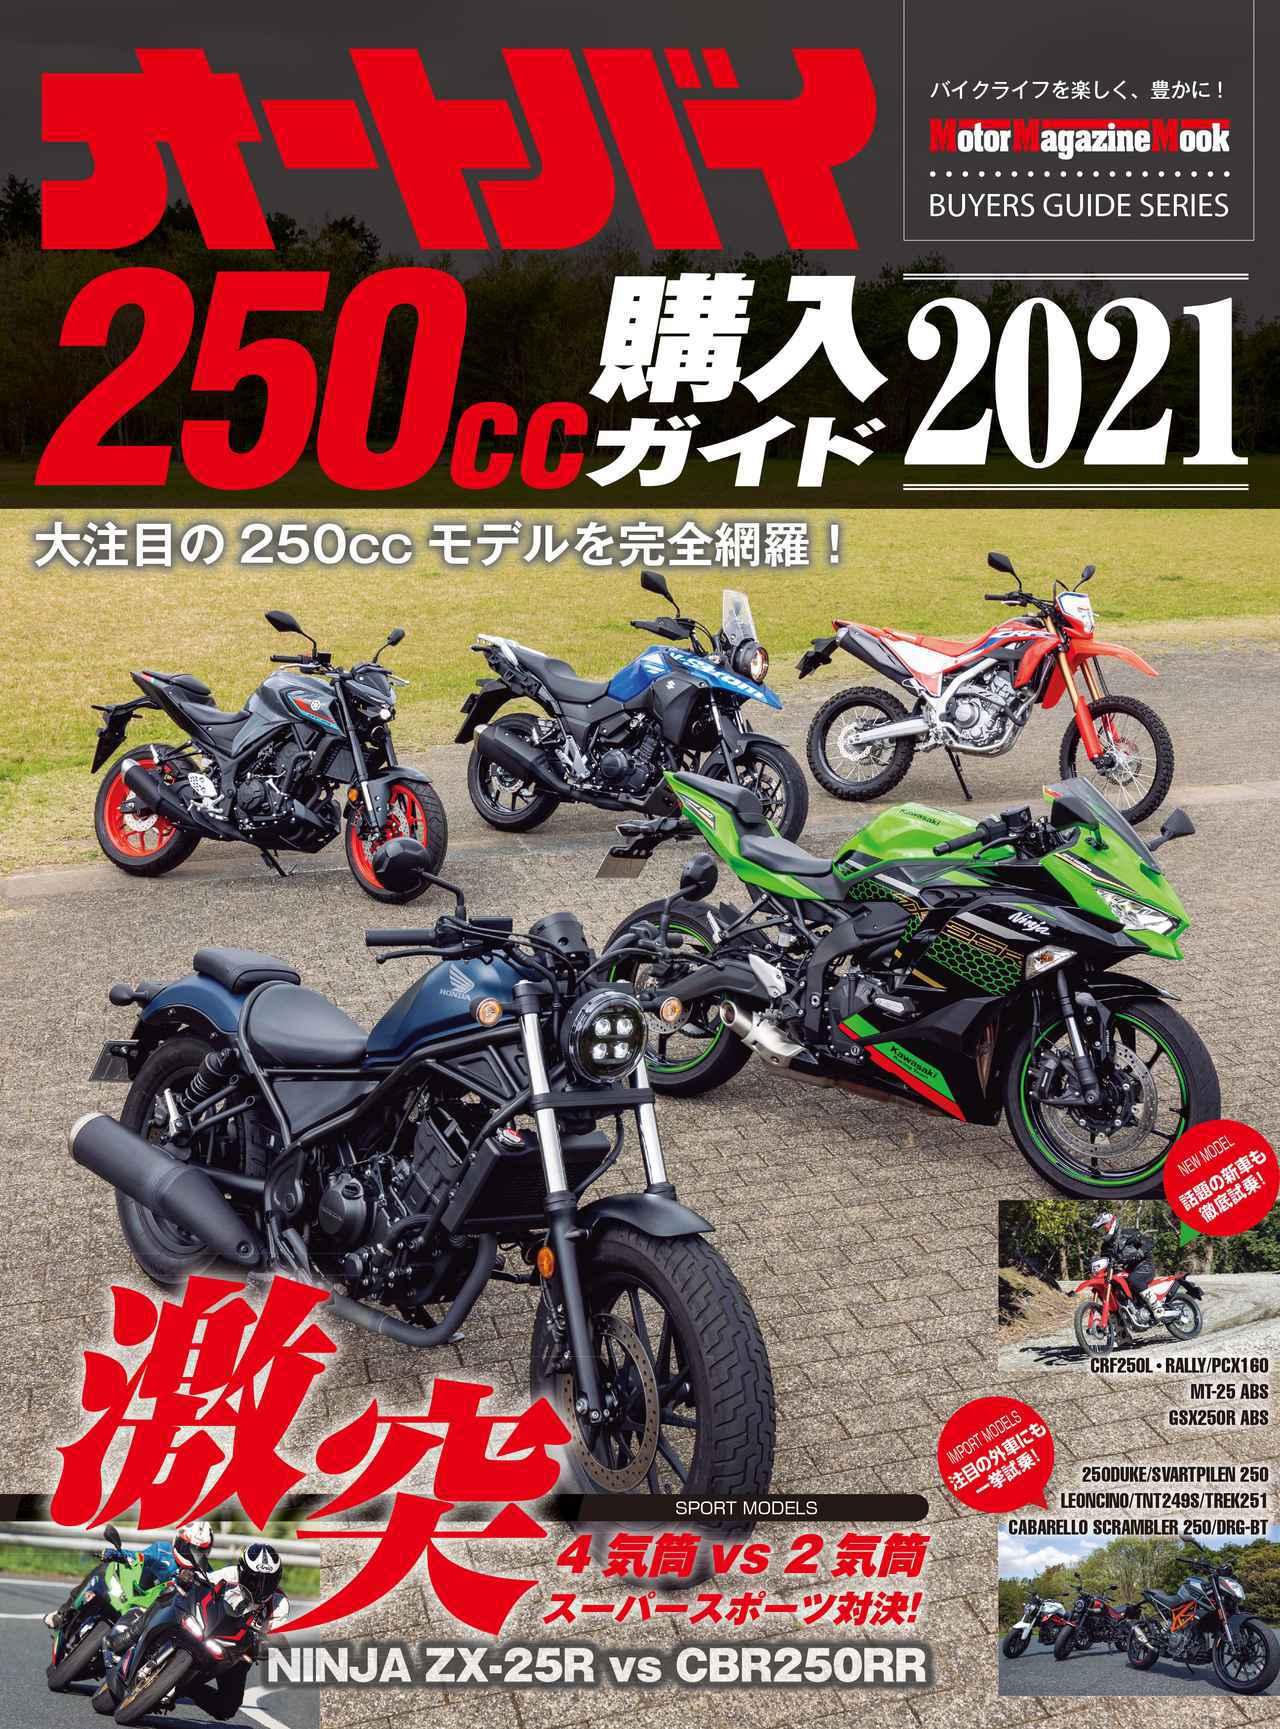 画像1: 150cc~250ccバイクのことならこの本で!『オートバイ 250cc購入ガイド2021』好評発売中